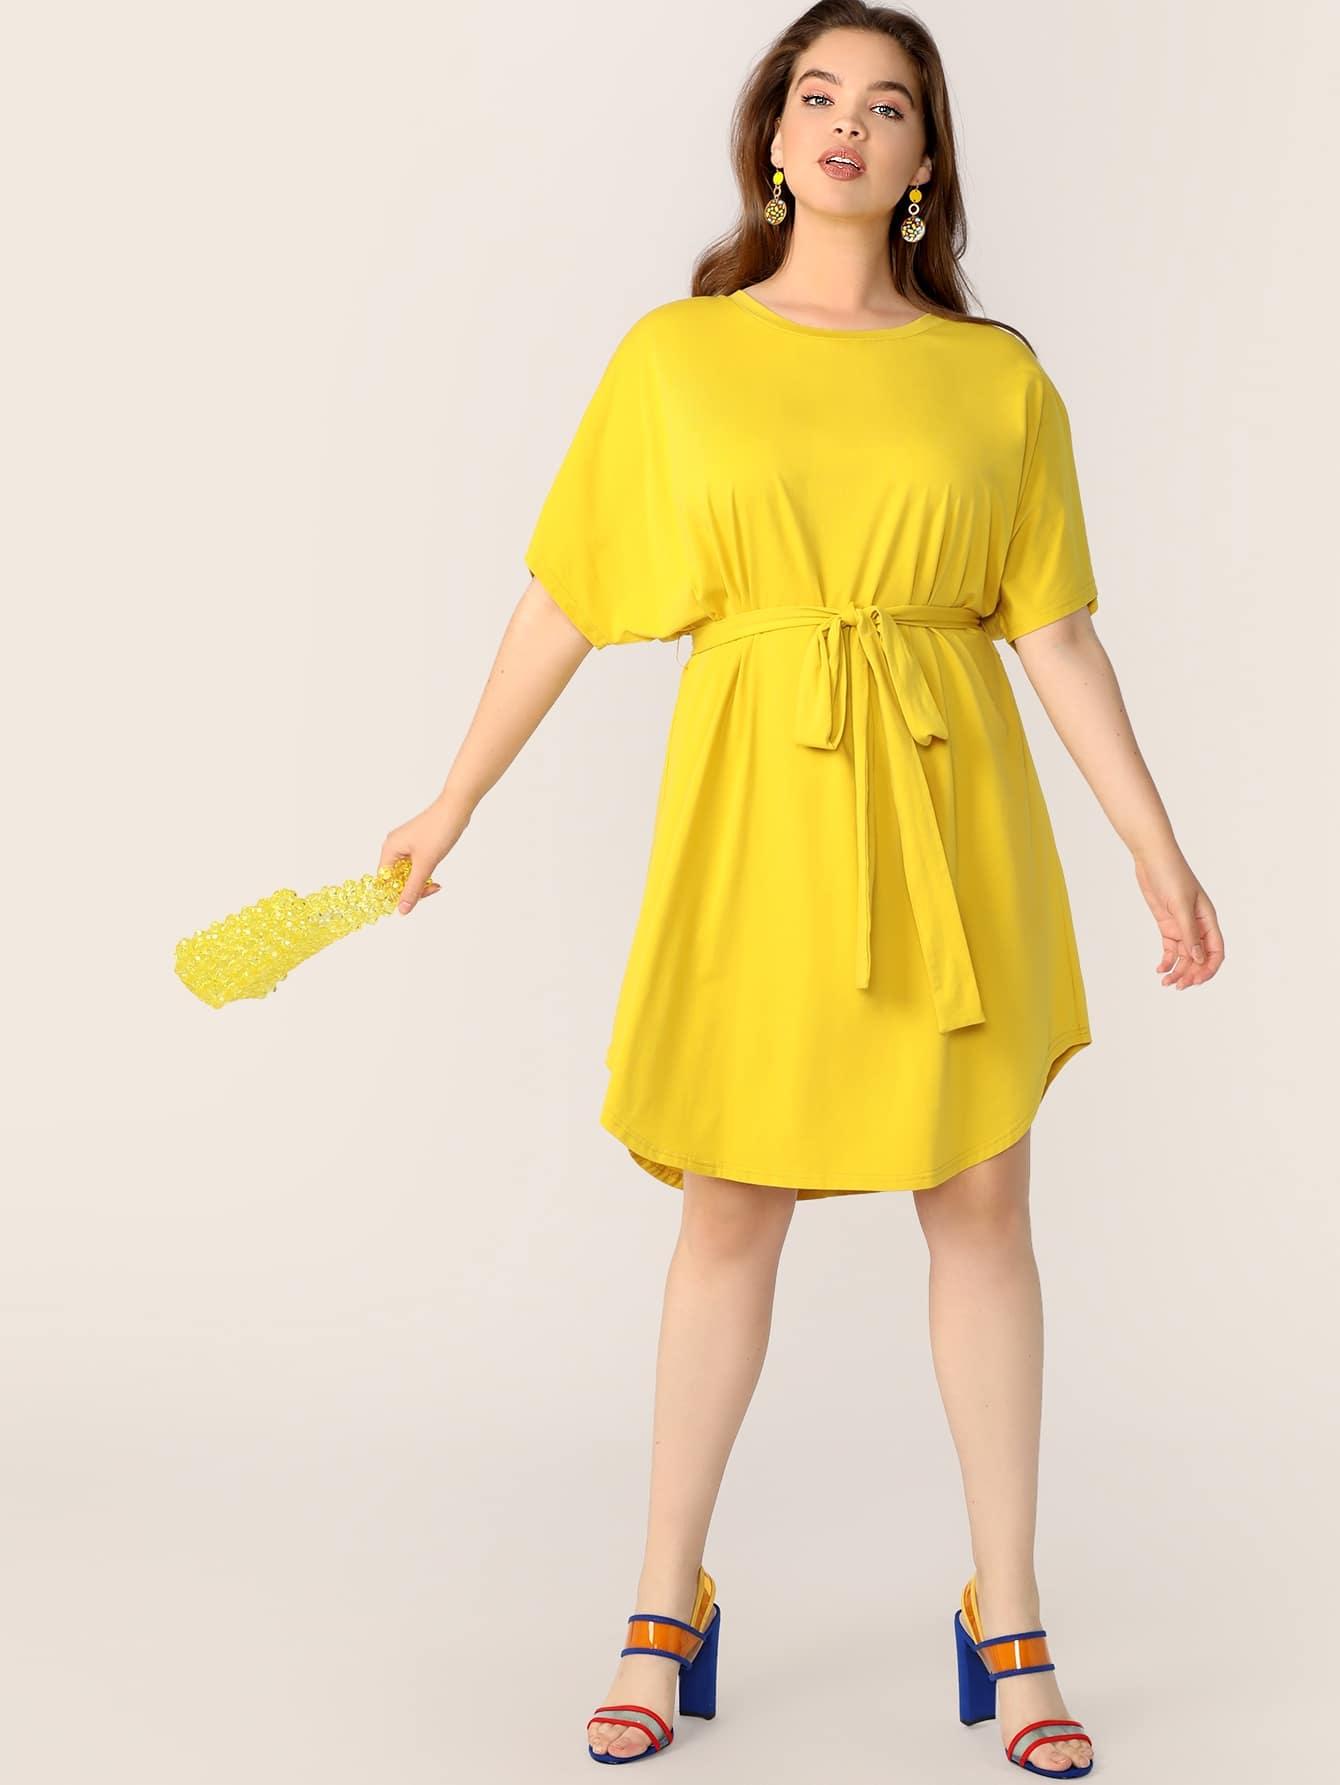 Übergroßes neon gelb kleid mit gürtel | shein